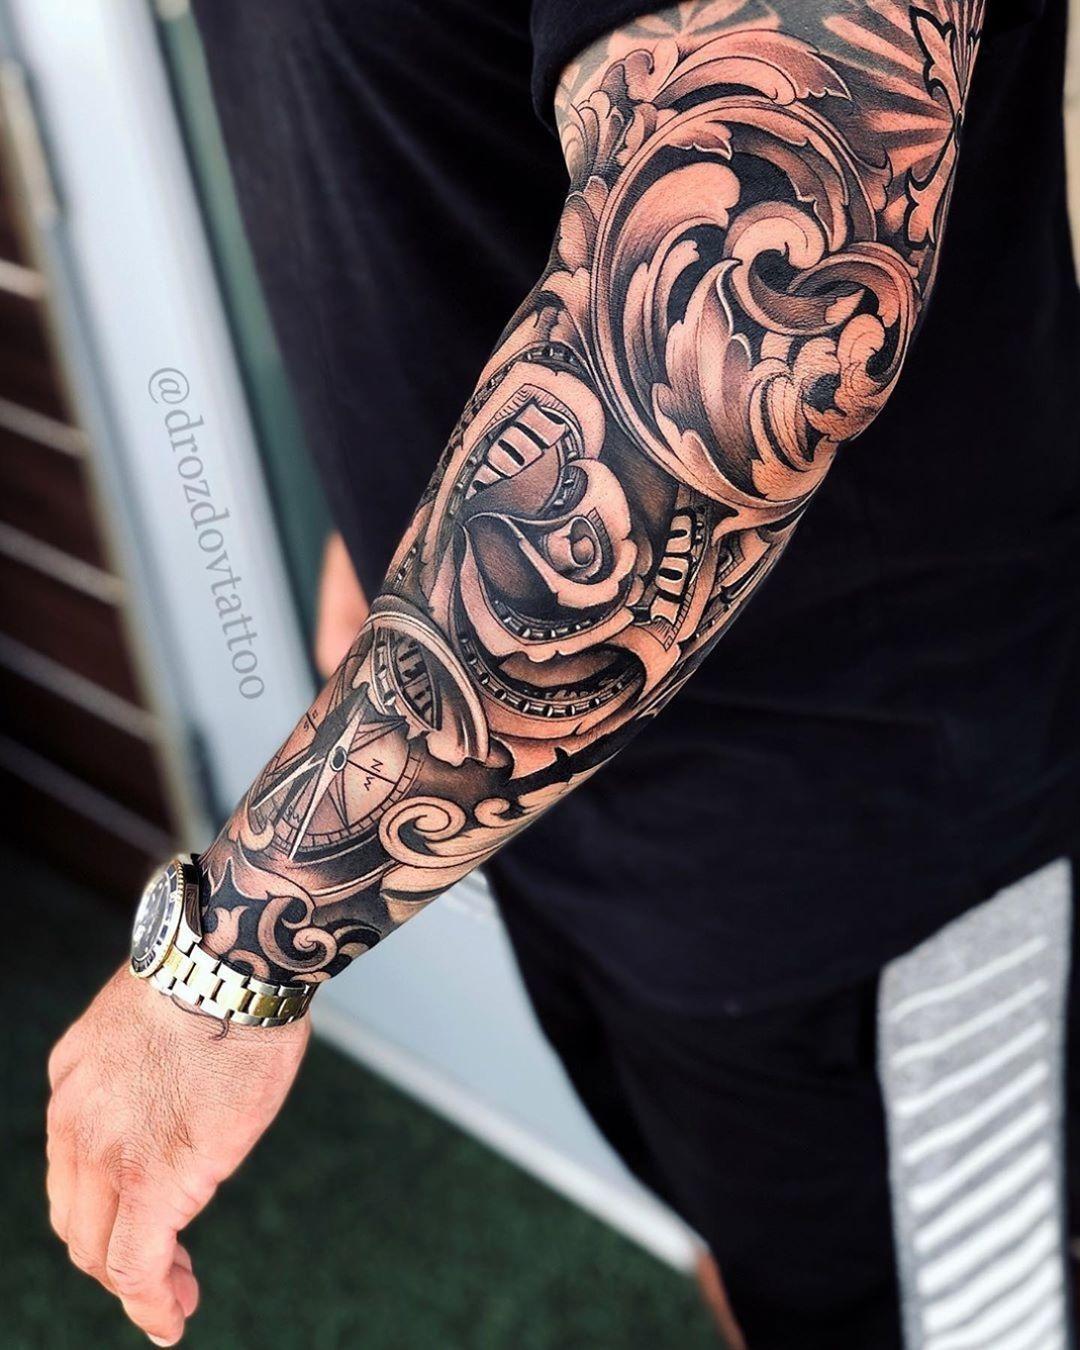 Tattoos In 2020 Tattoo Sleeve Designs Sleeve Tattoos Rose Tattoo Sleeve